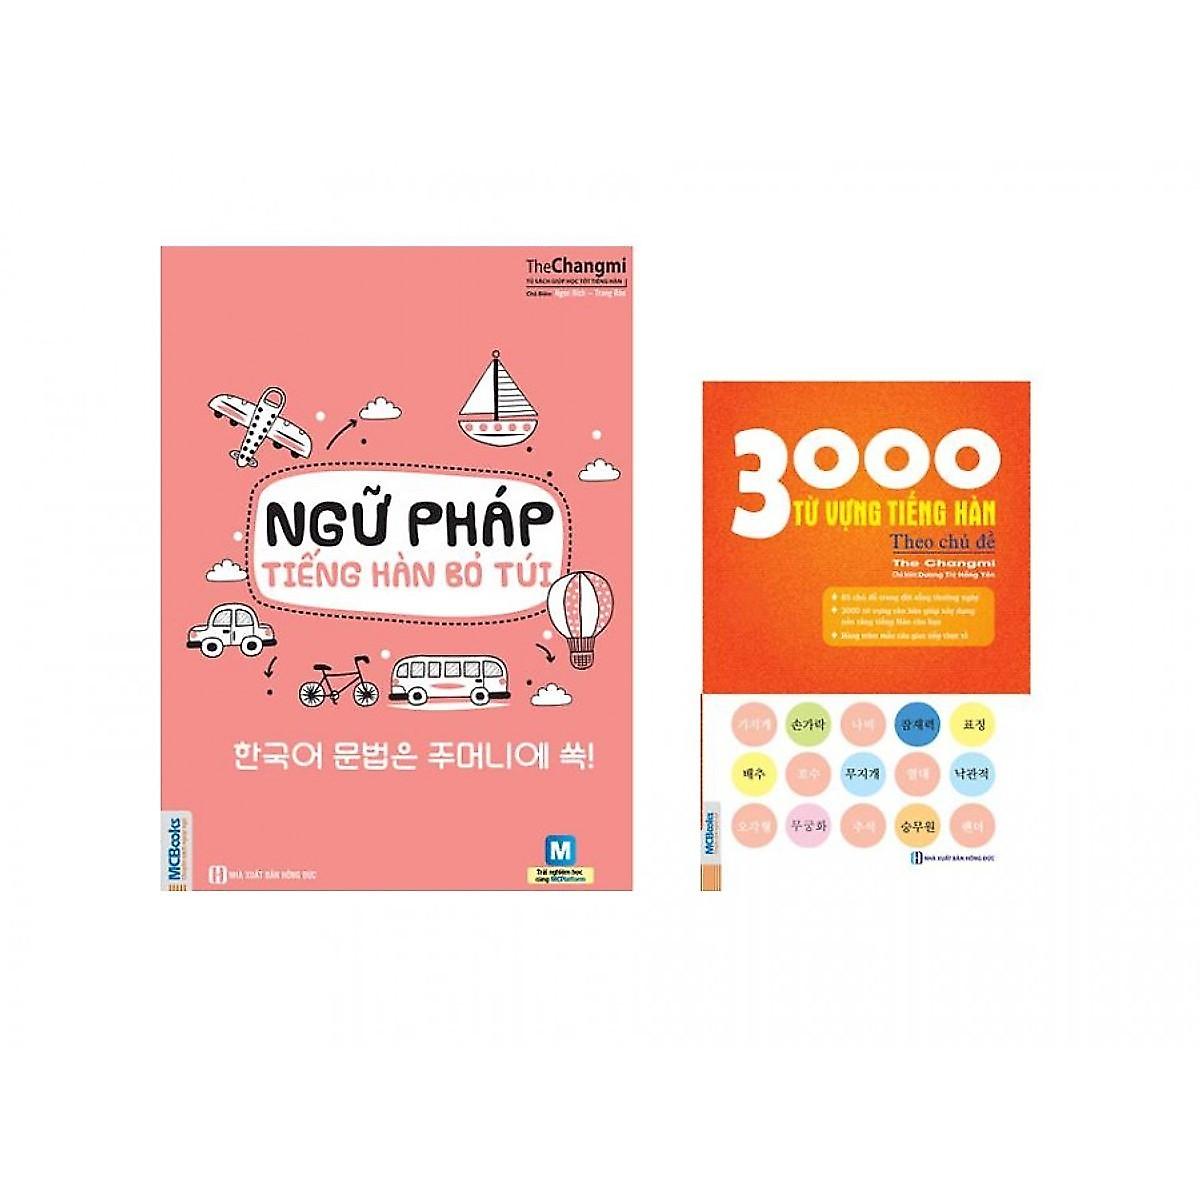 Combo Sách Tiếng Hàn Bỏ Túi ( Ngữ Pháp Tiếng Hàn Bỏ Túi + 3000 Từ Vựng Tiếng Hàn Theo Chủ Đề )